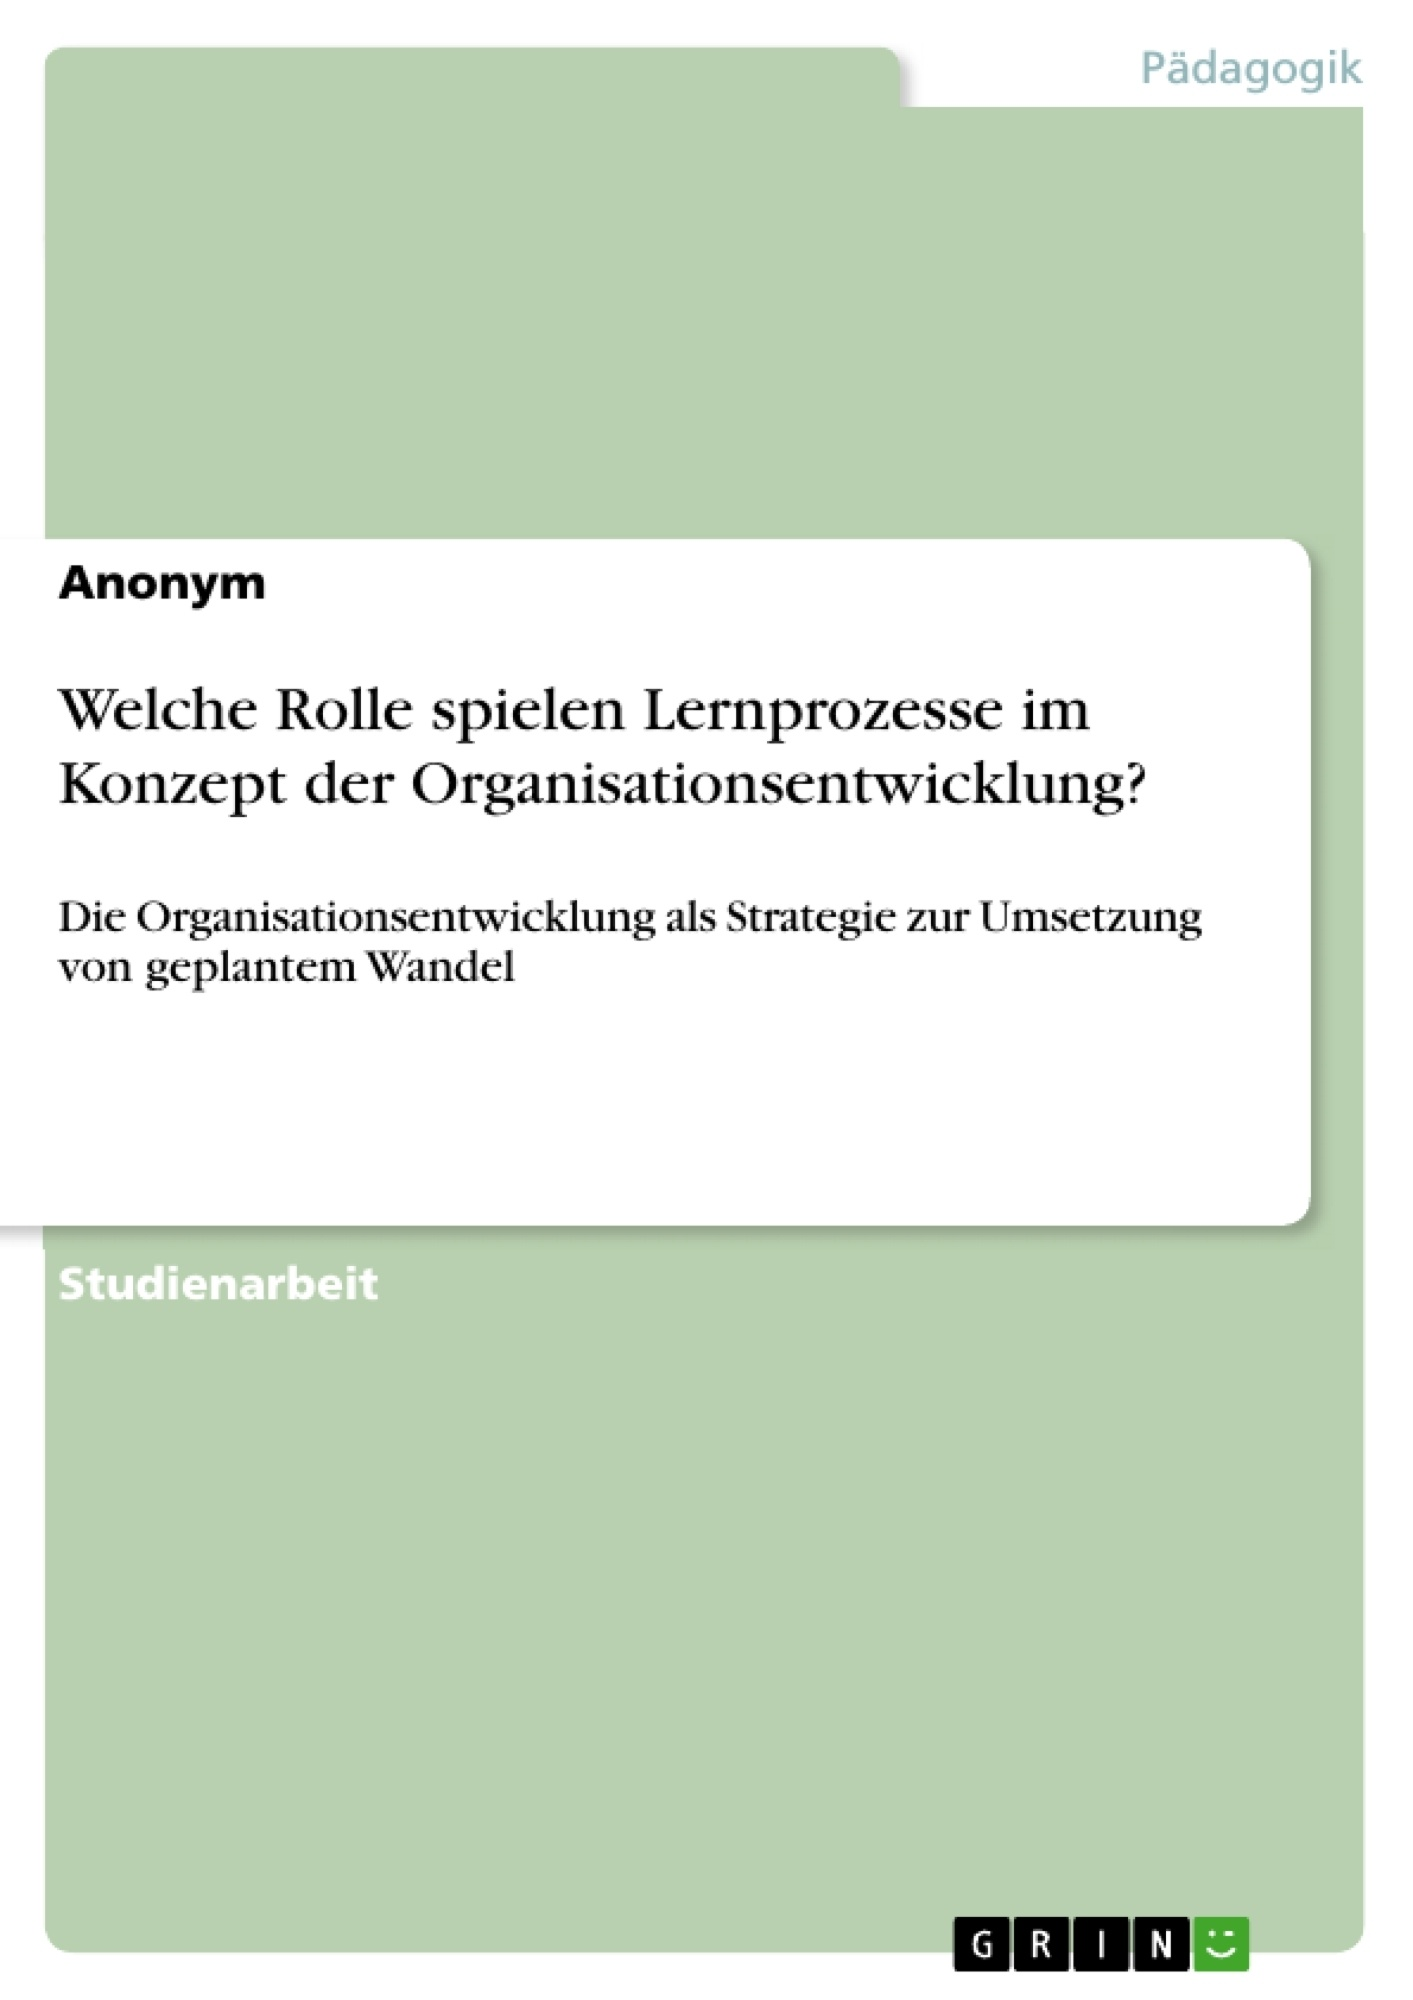 Titel: Welche Rolle spielen Lernprozesse im Konzept der Organisationsentwicklung?